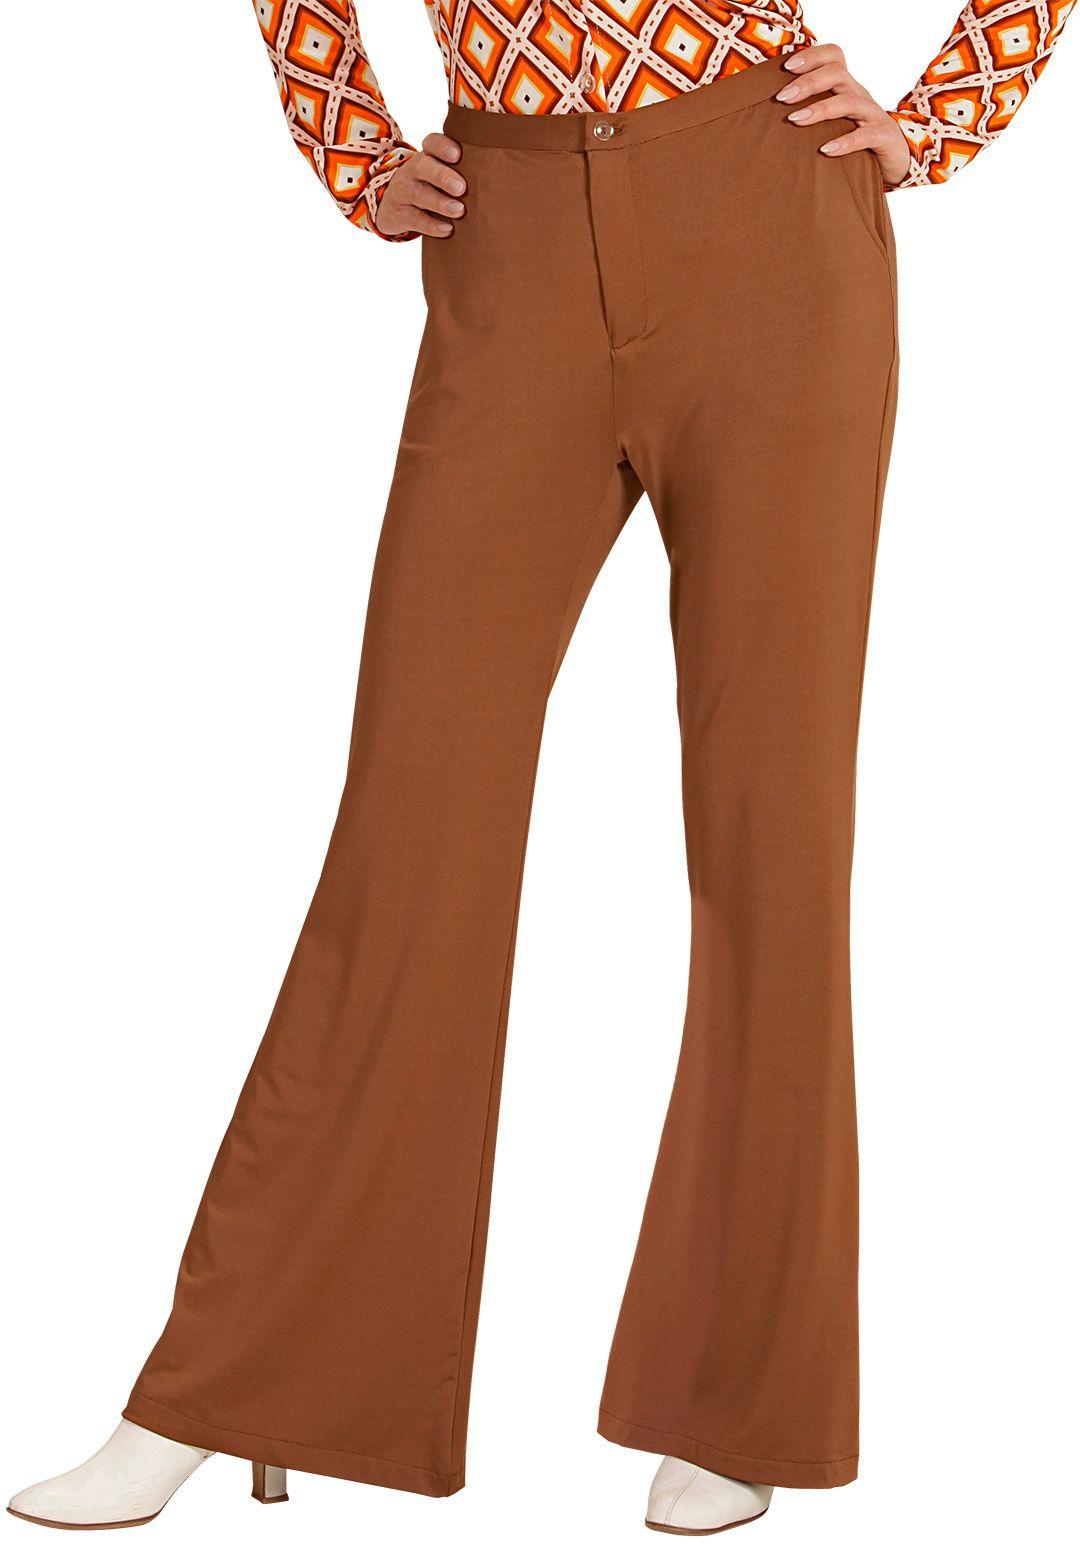 70s broek dames bruin